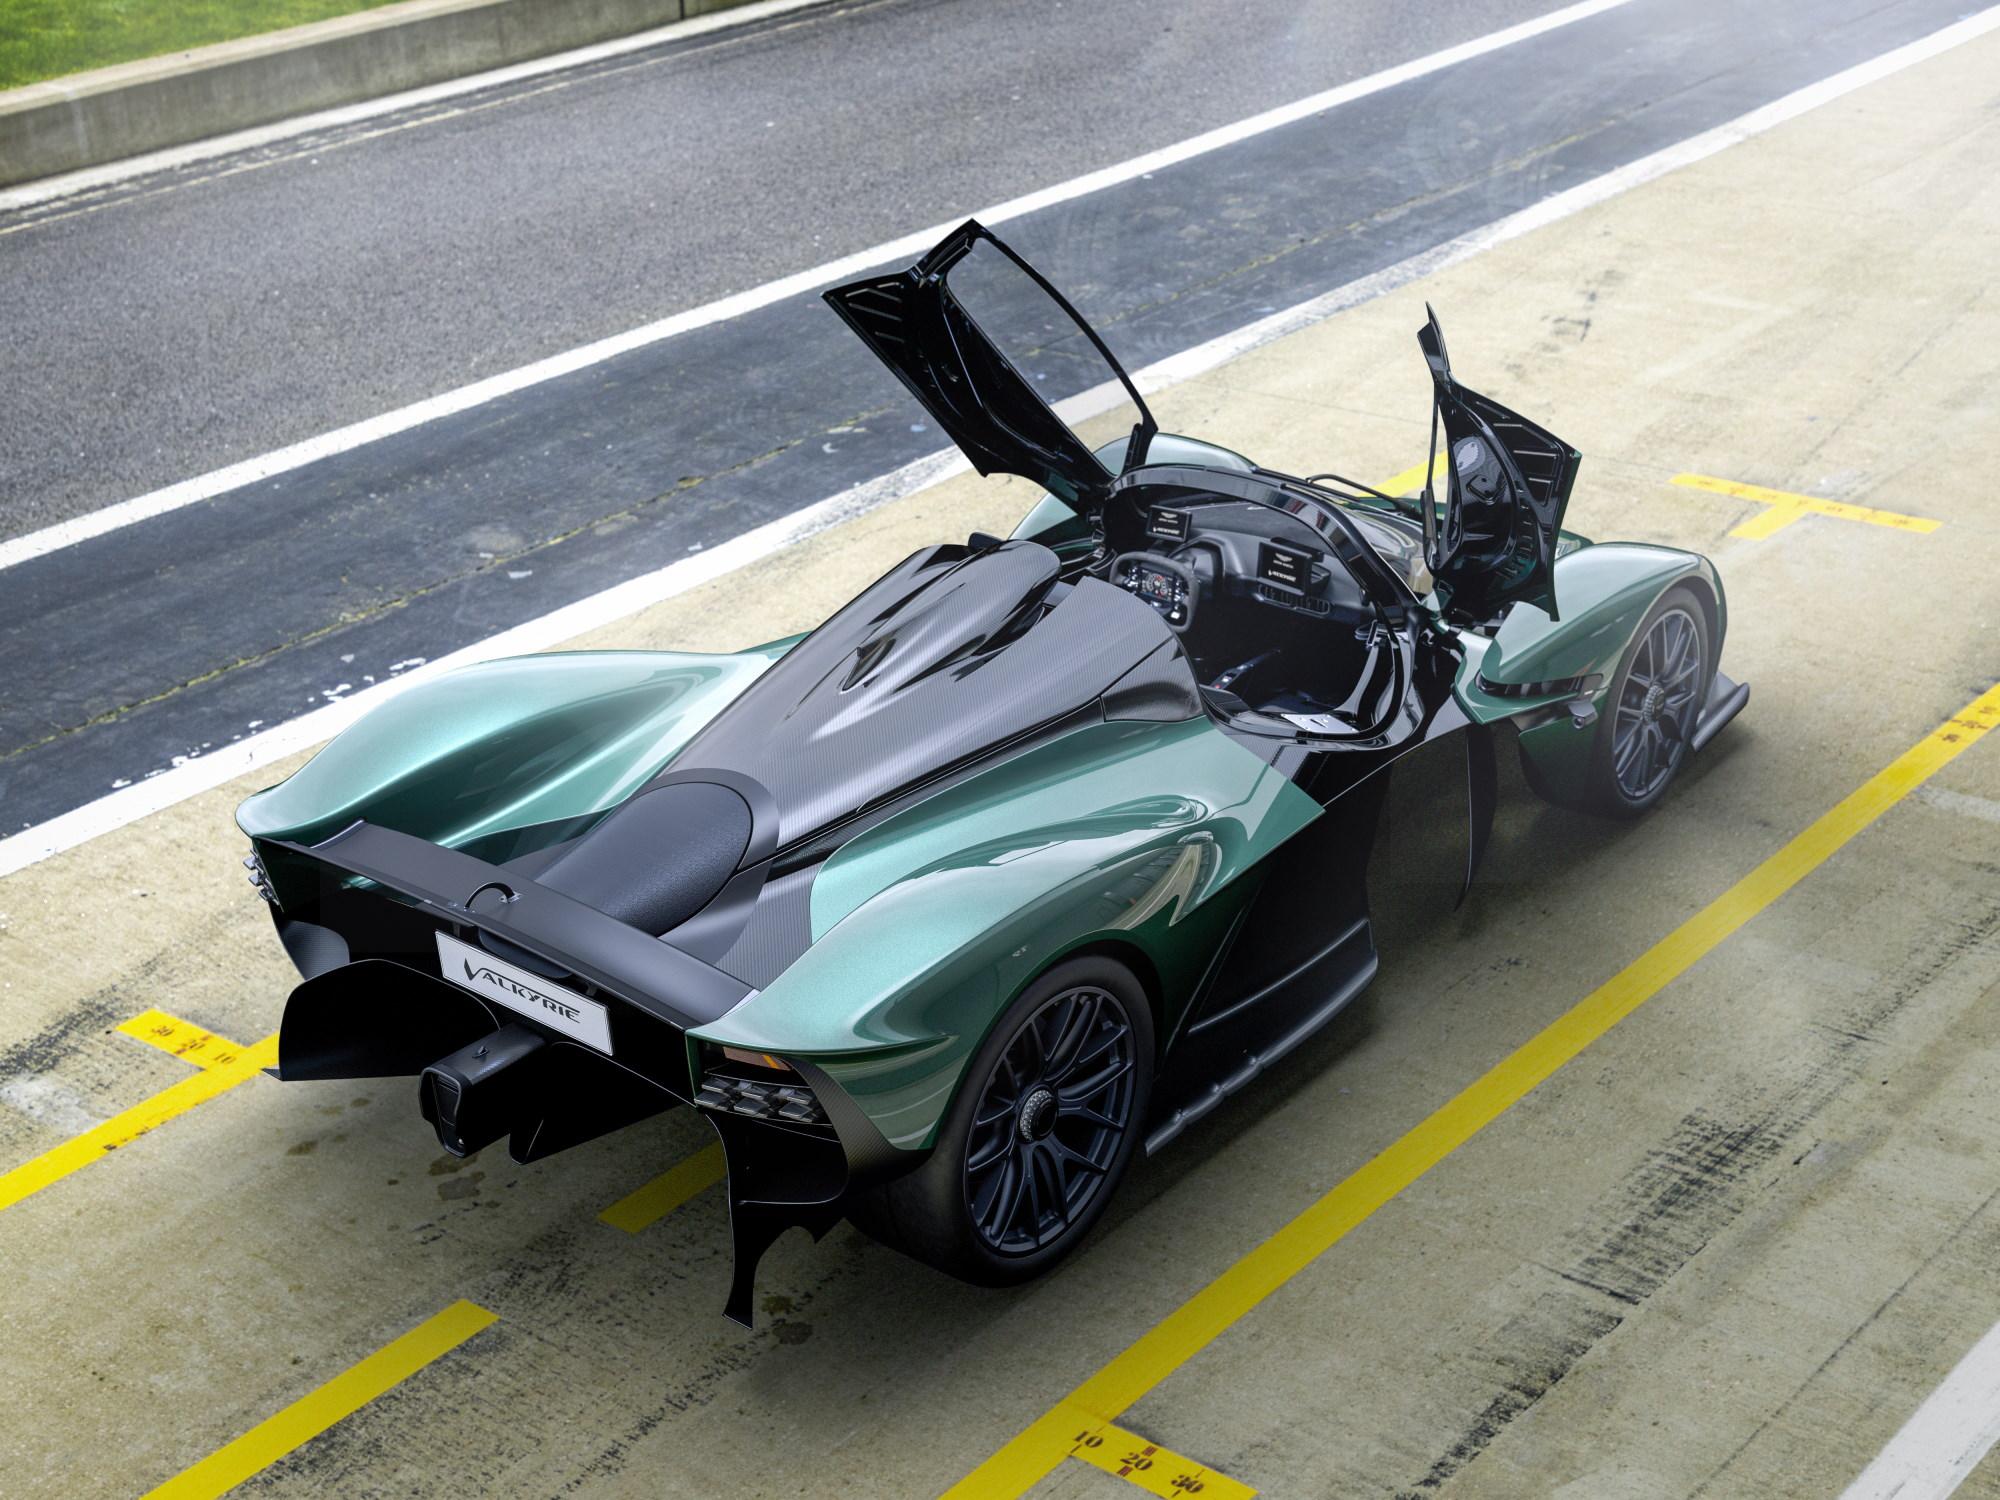 Valkyrie Spider F1